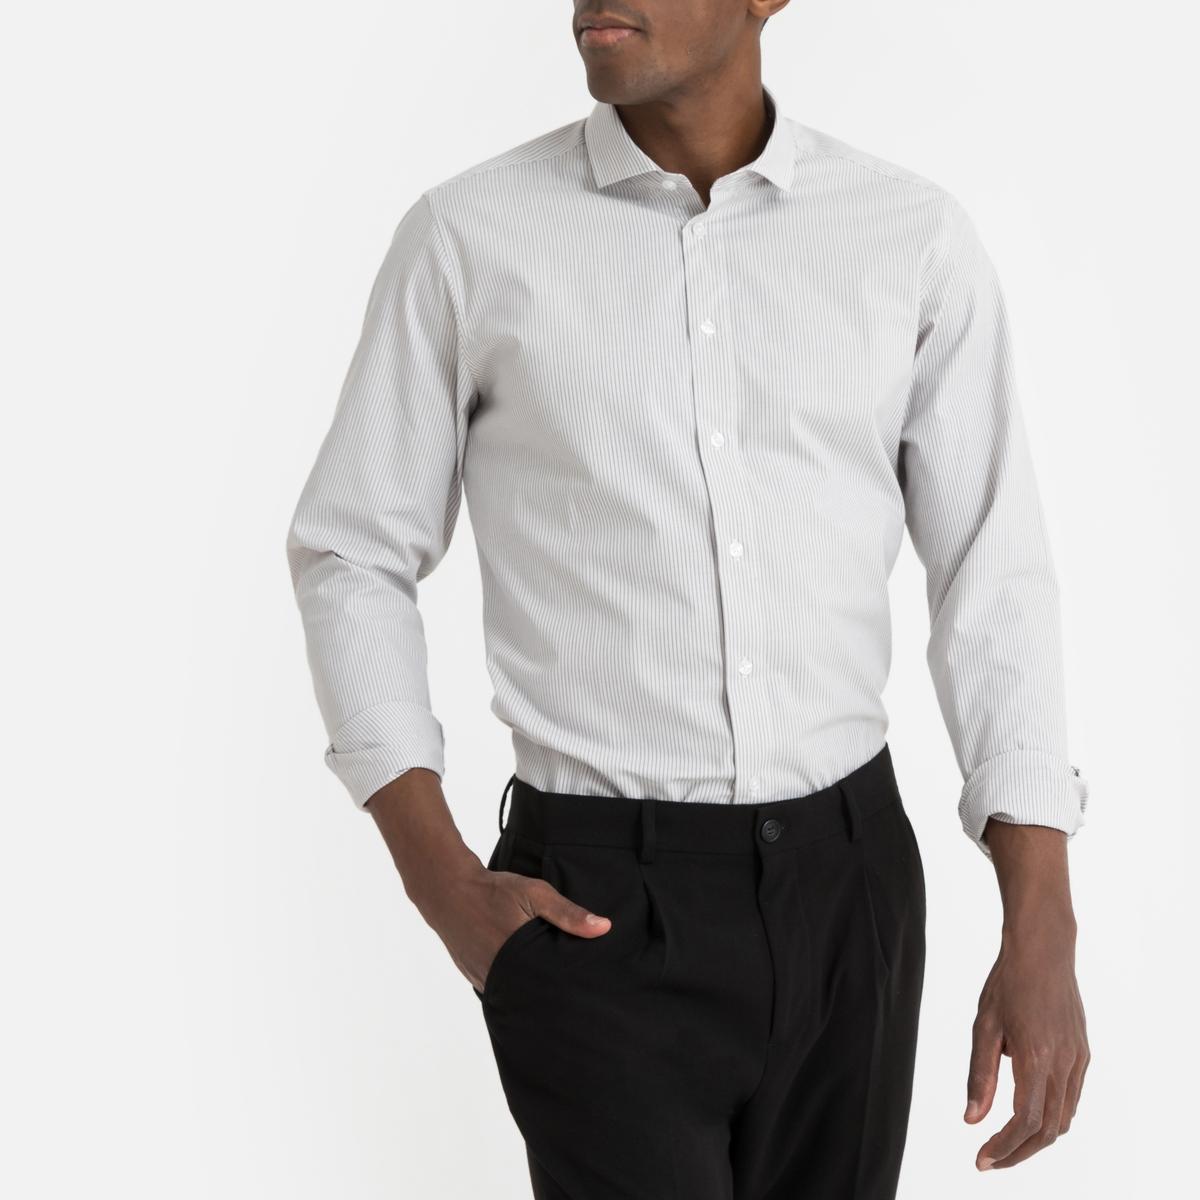 Фото - Рубашка LaRedoute Прямого покроя с рисунком в тонкую полоску и длинными рукавами 47/48 синий юбка laredoute джинсовая прямого покроя xs синий